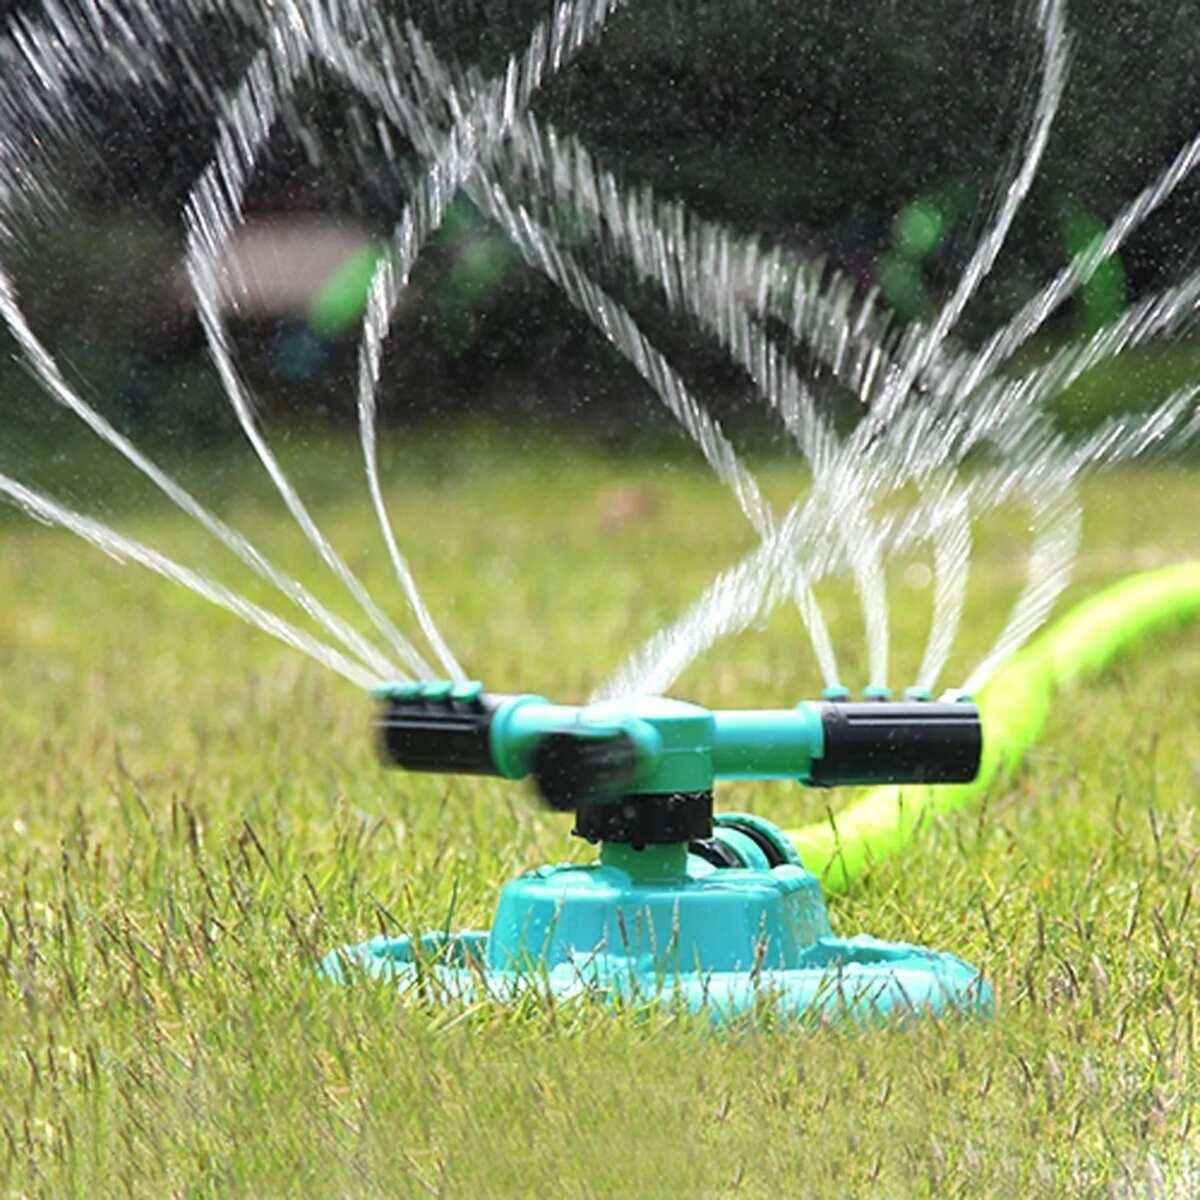 Sprinklers tool